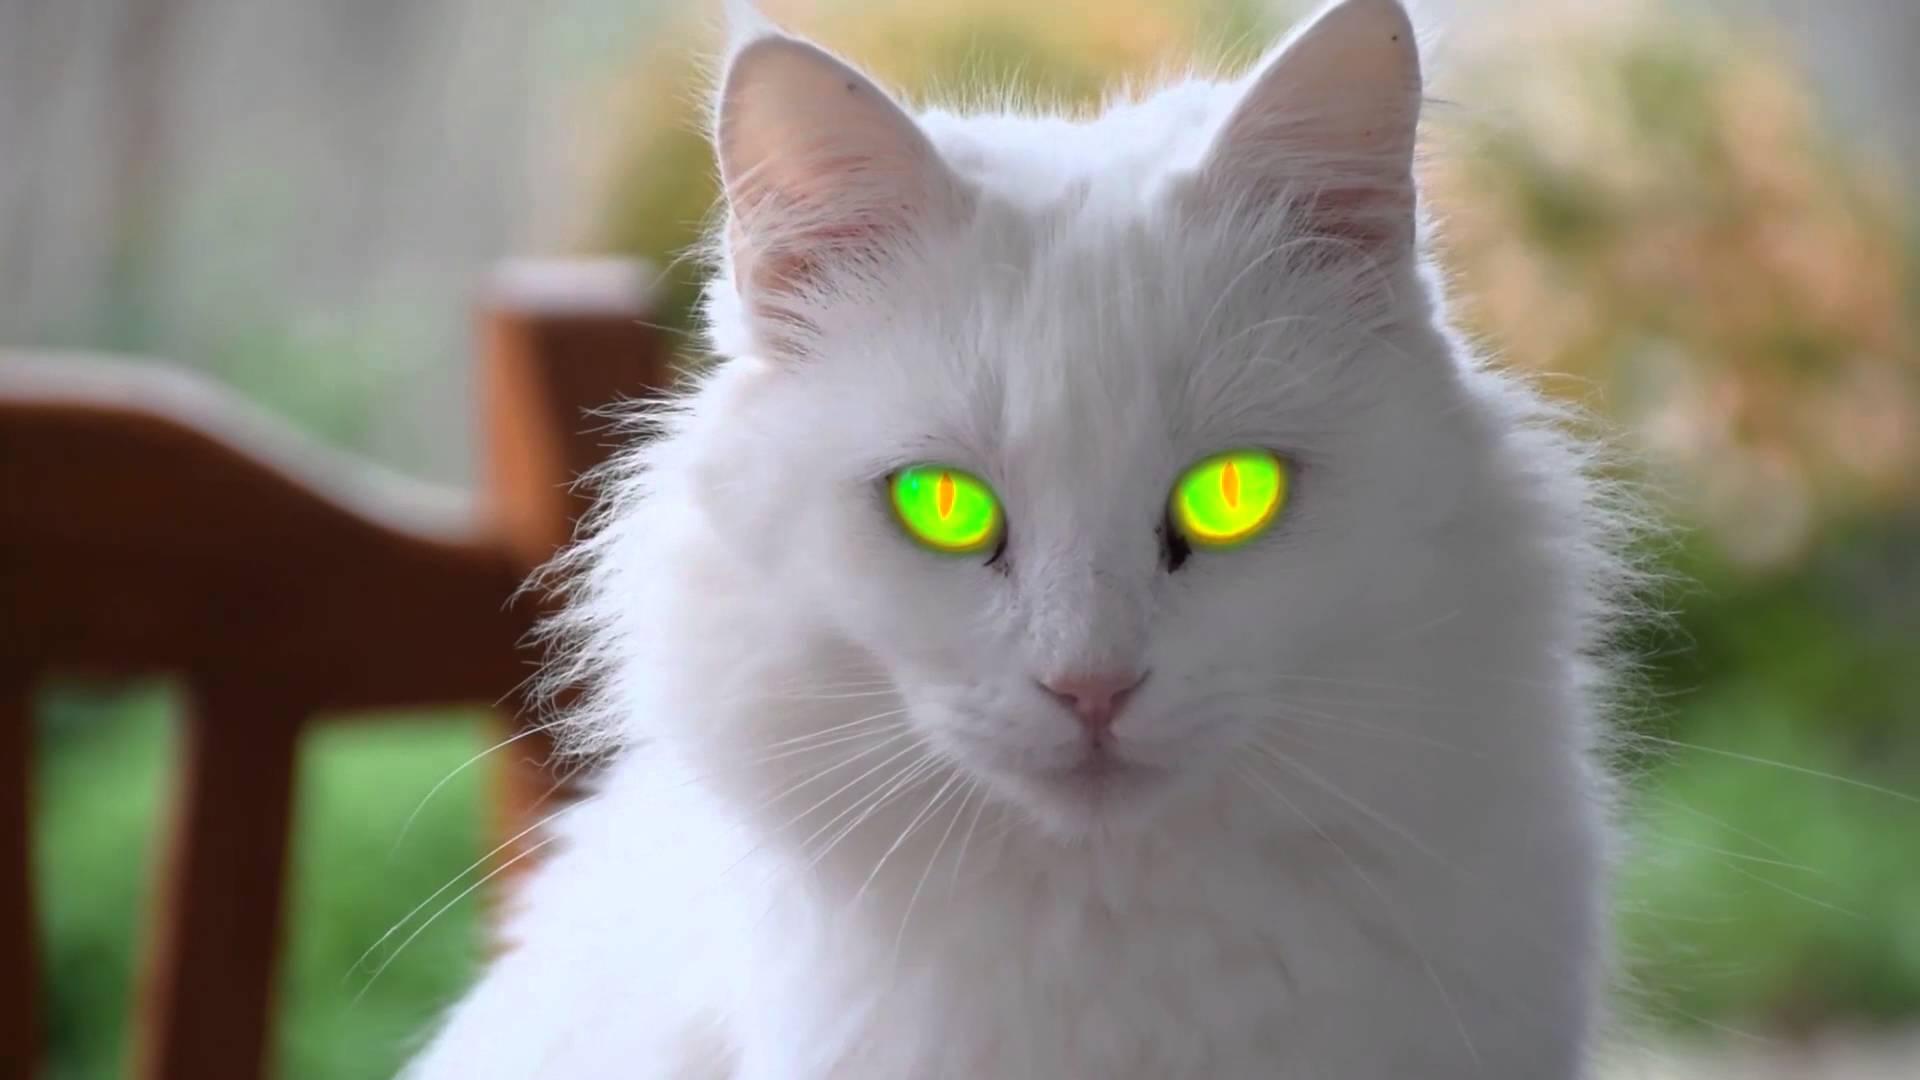 صورة اجمل الصور للقطط في العالم , لعشاق القطط اليك اجمل صور للقطط بجميع انواعها 1367